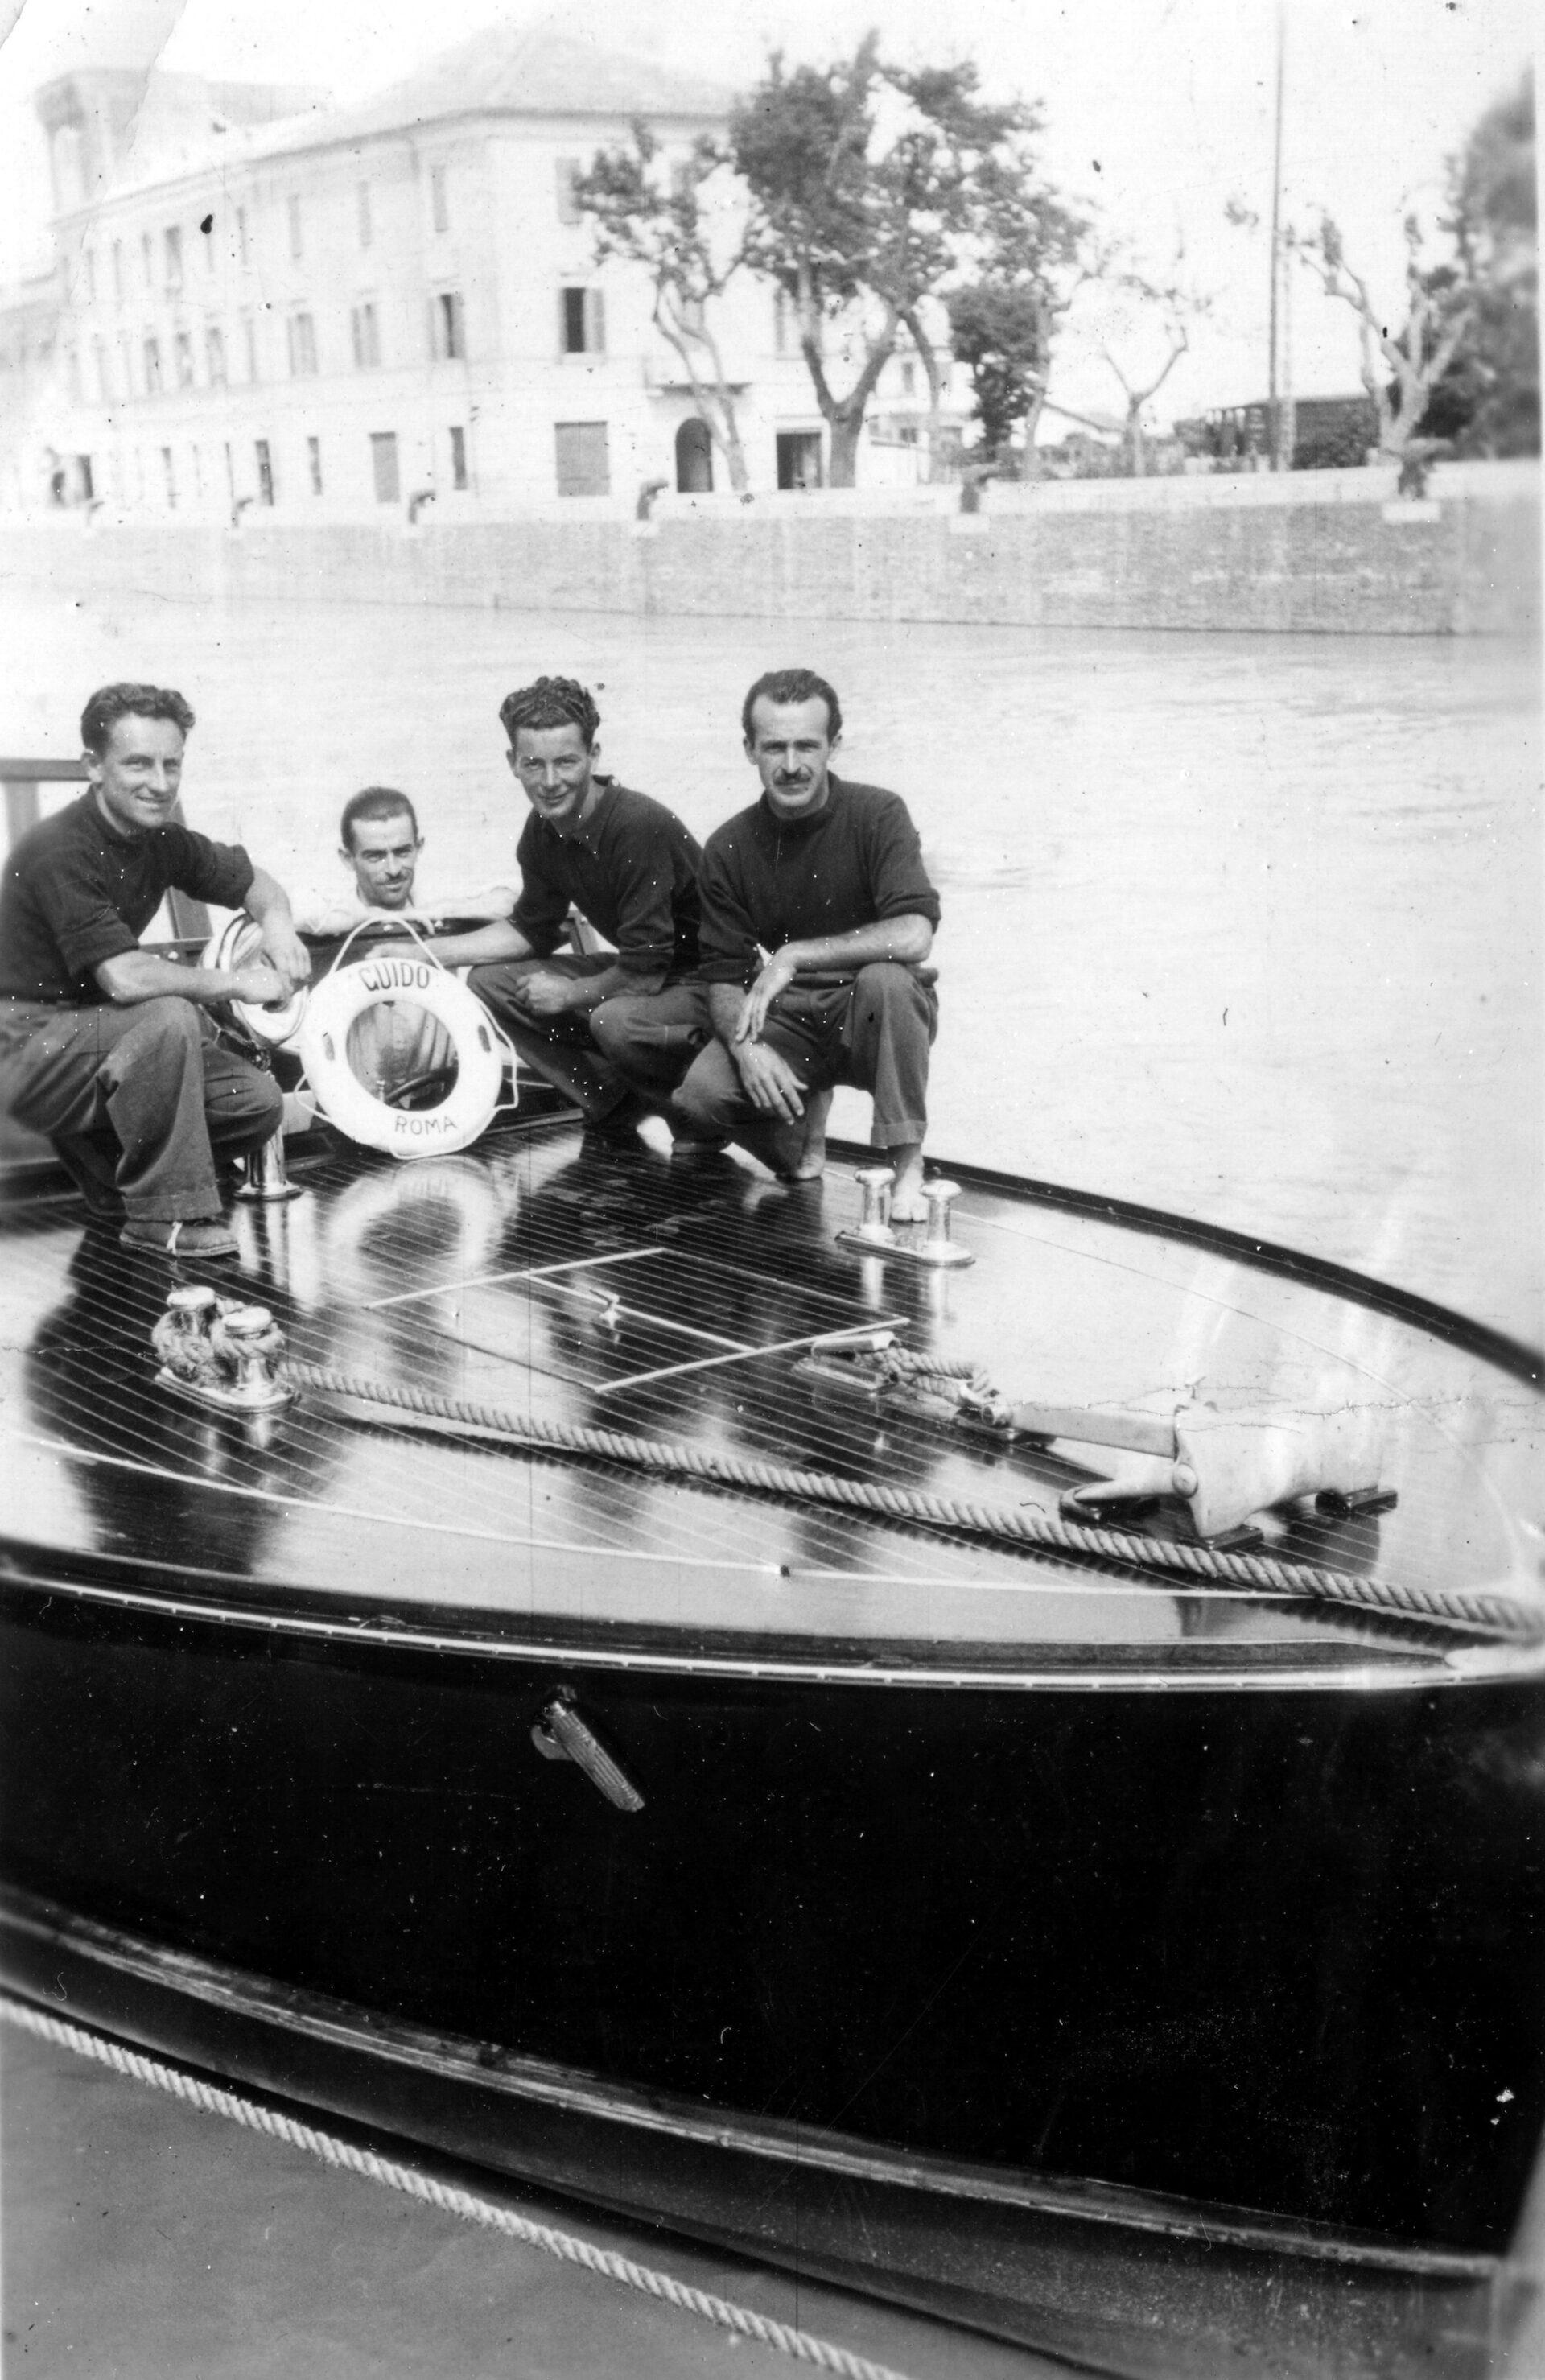 1938 – Guido, motoscafo per Benito Mussolini in prova